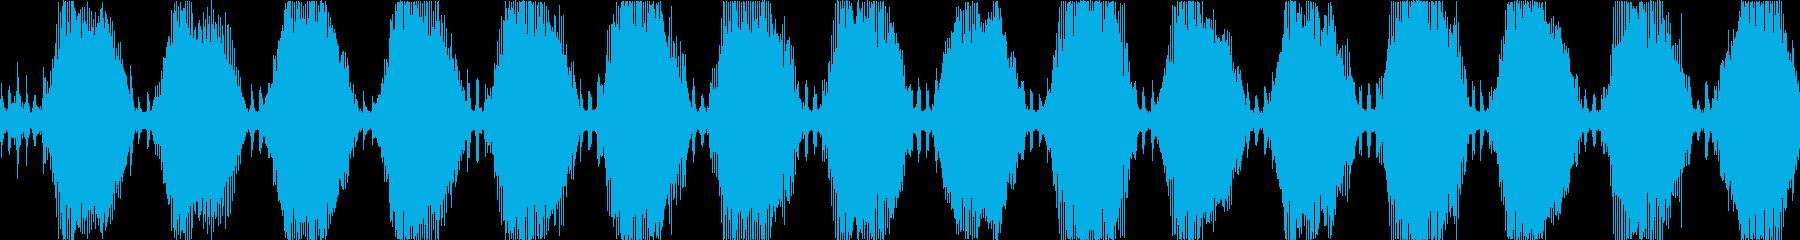 機械的な警報アラーム効果音・ループBGMの再生済みの波形